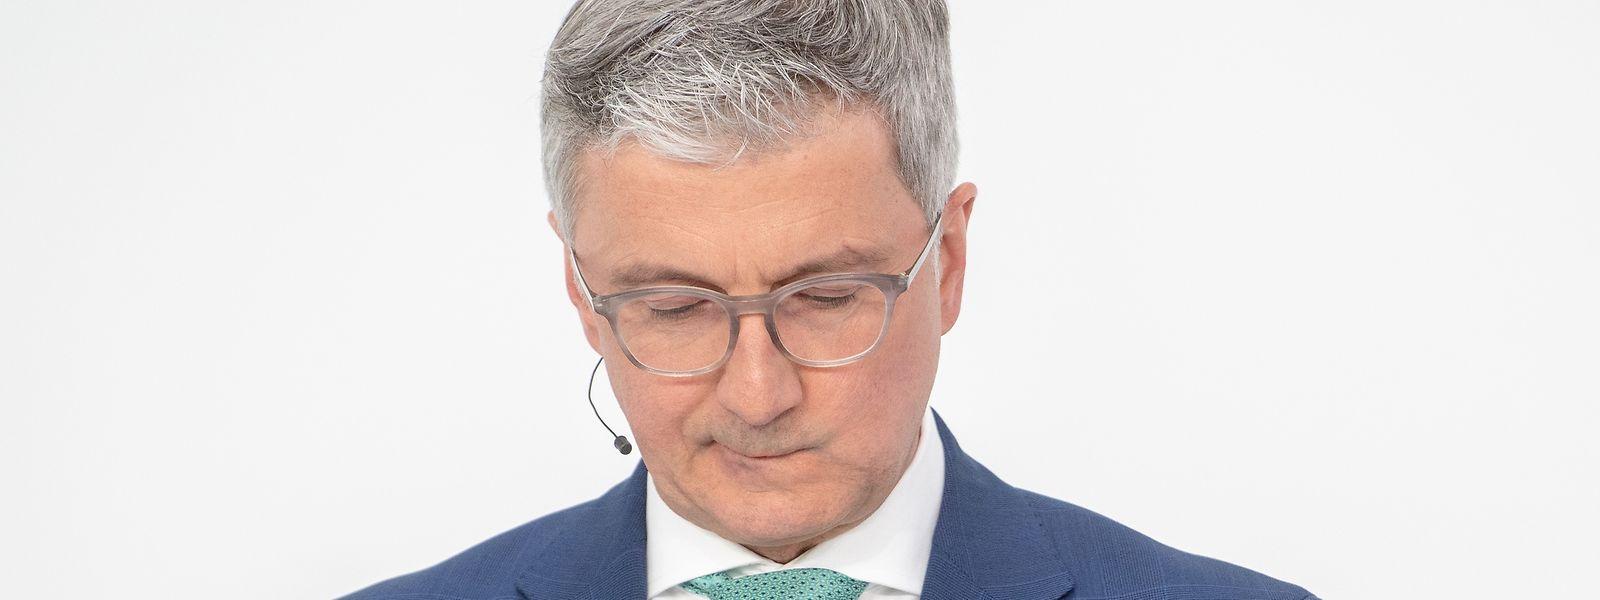 Rupert Stadler, jetzt beurlaubter Vorstandsvorsitzender des Fahrzeugherstellers Audi AG, muss in Untersuchungshaft bleiben.